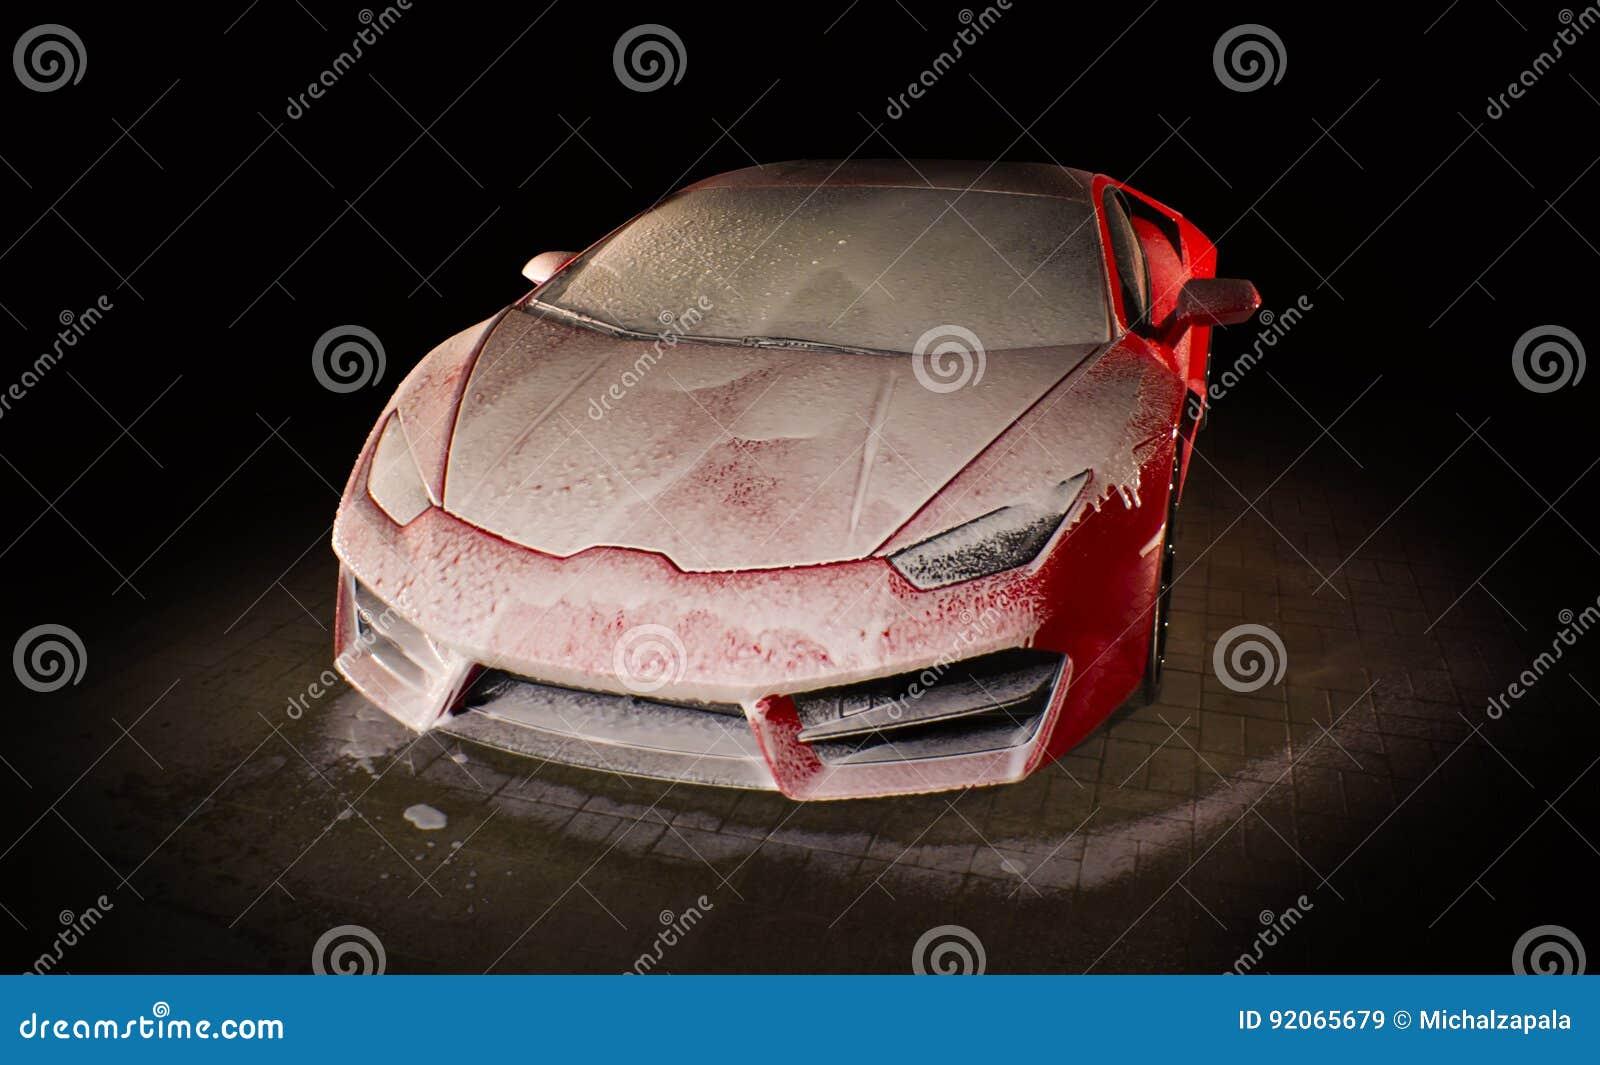 Red sports car wash - dark background